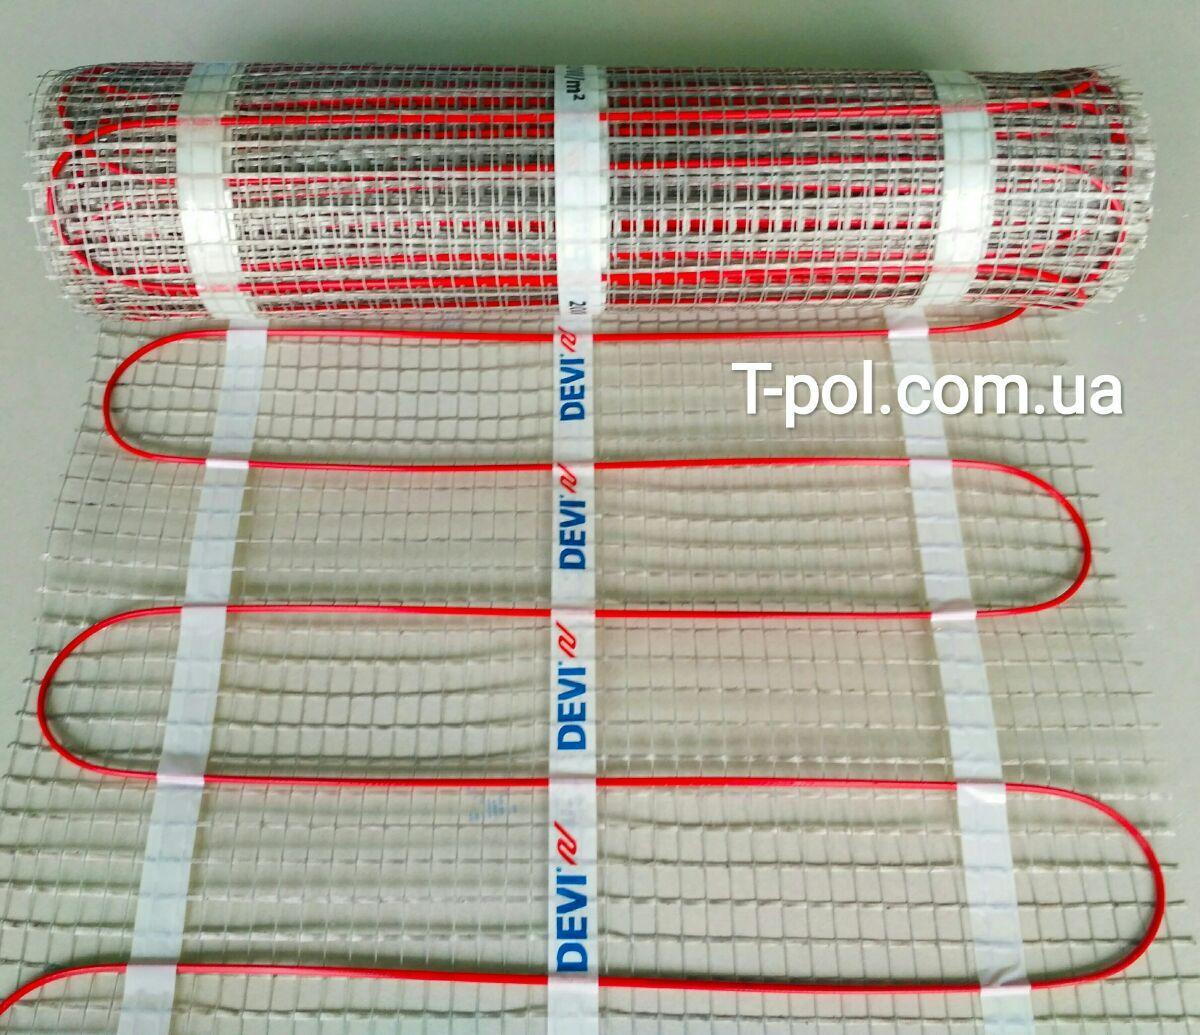 Теплый пол Devi нагревательный мат devicomfort dtir-150t на 2 м2